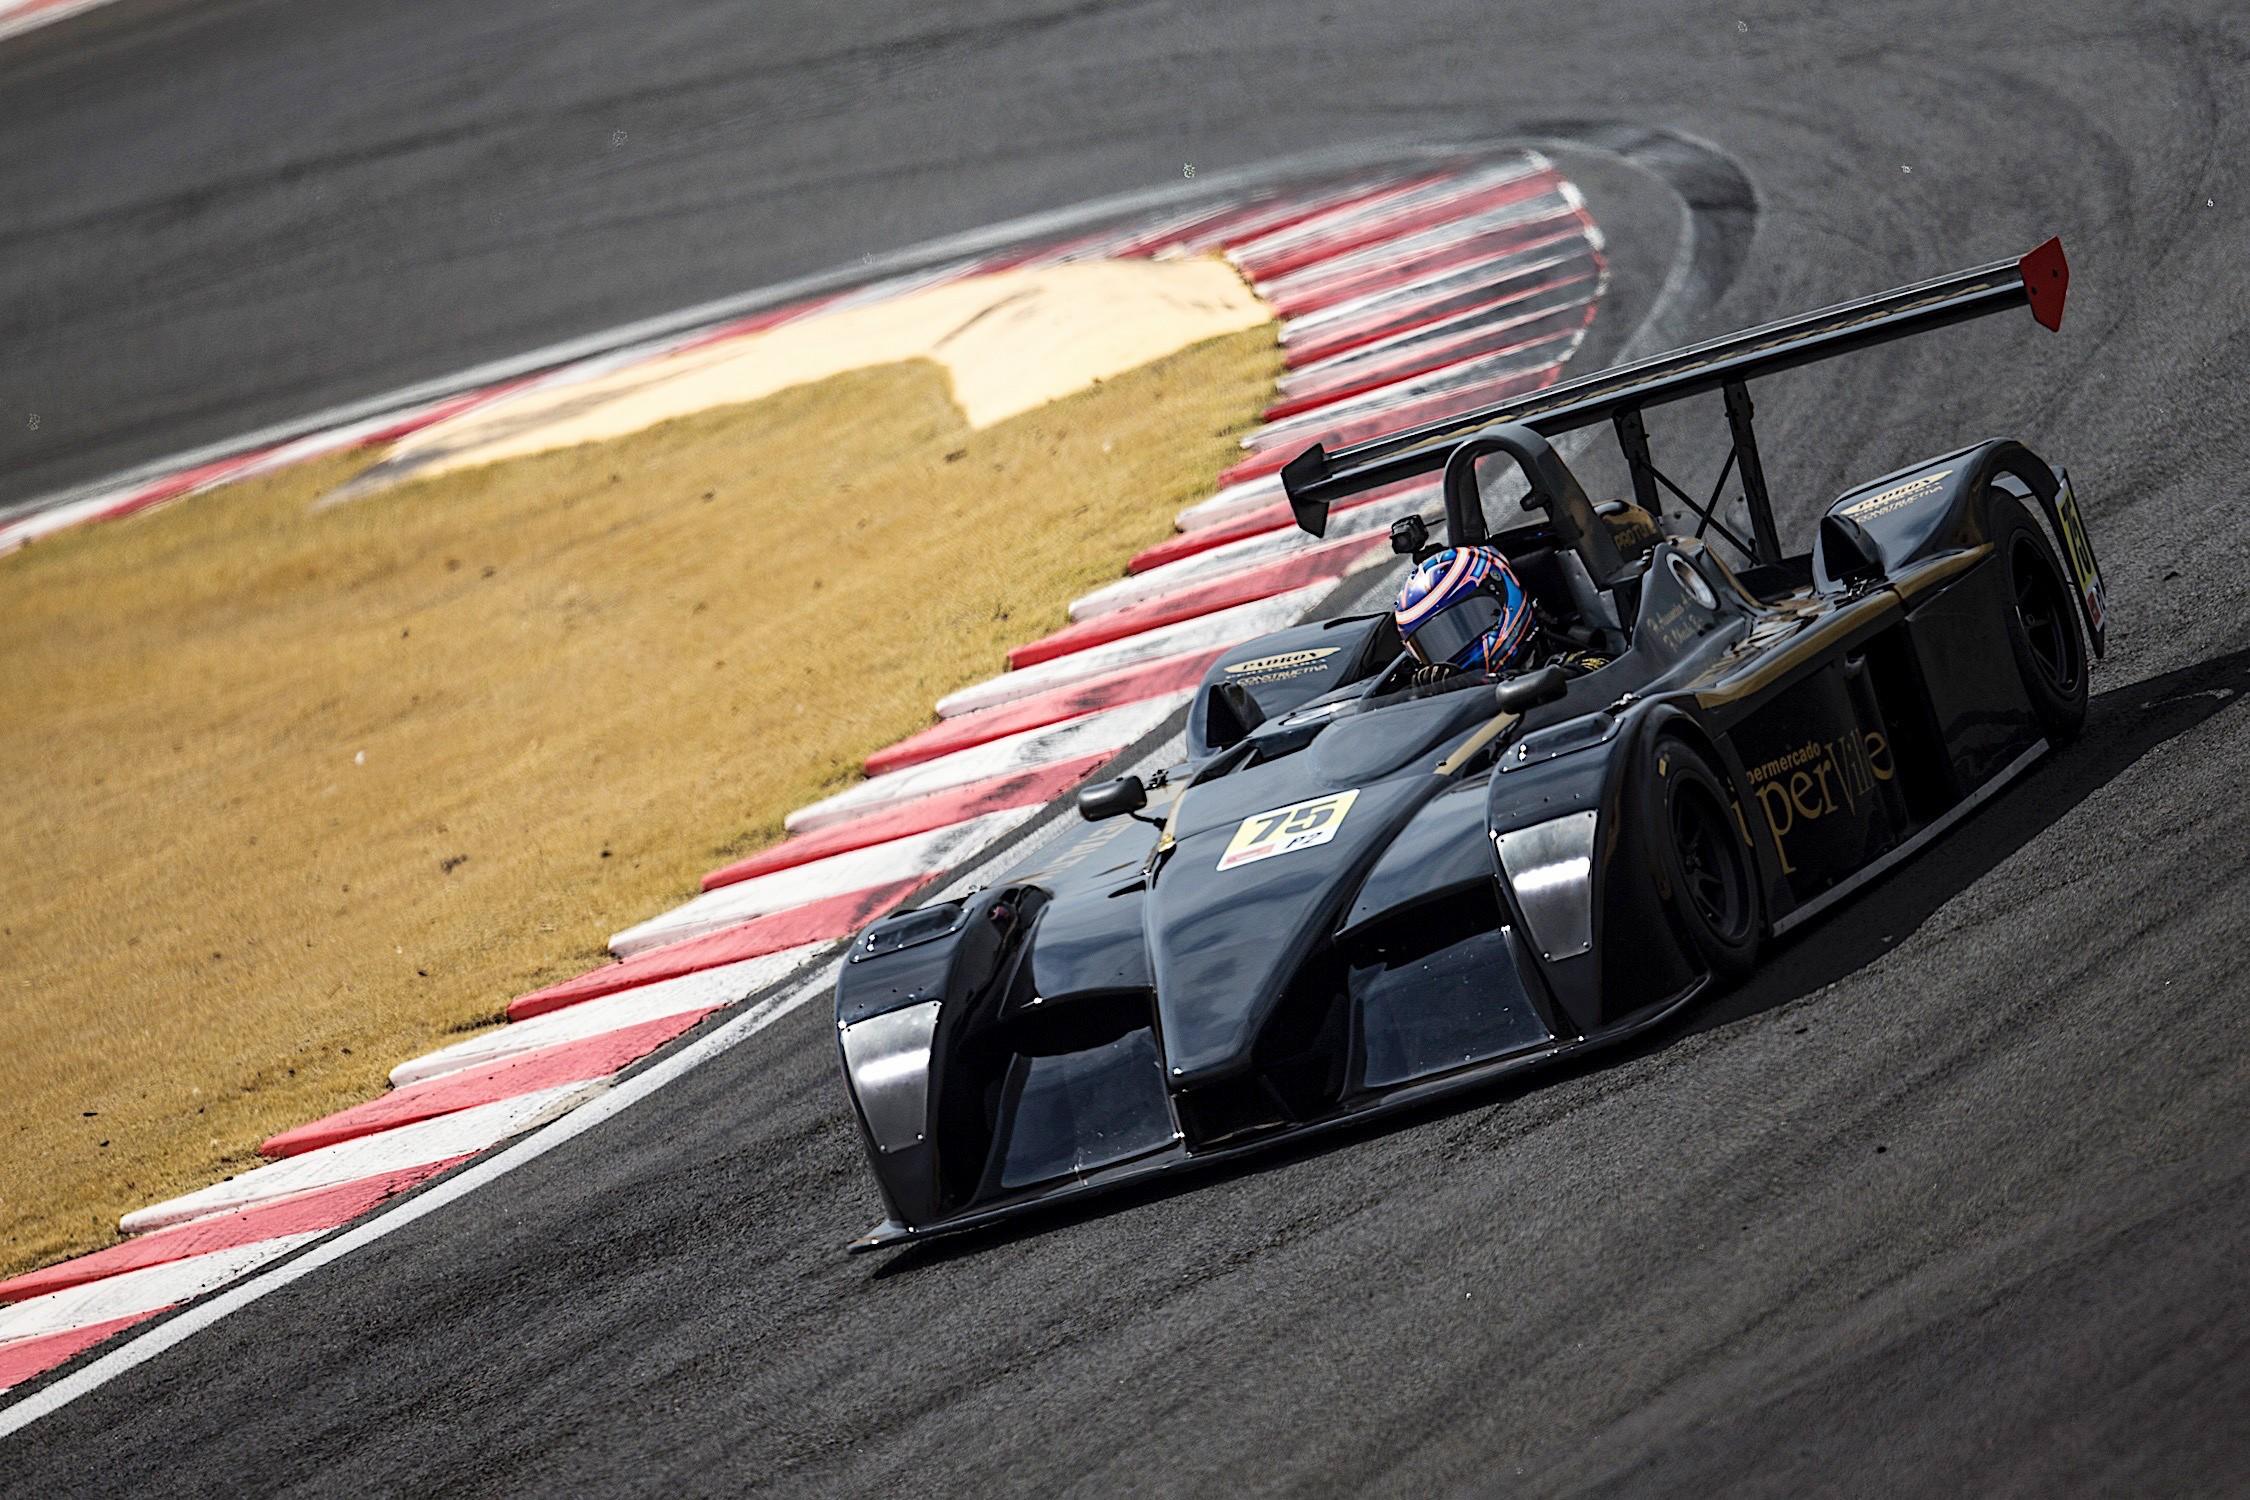 MRX #75 dos pilotos Henrique Assunção_Fernando Ohashi (Foto: Bruno Terena)